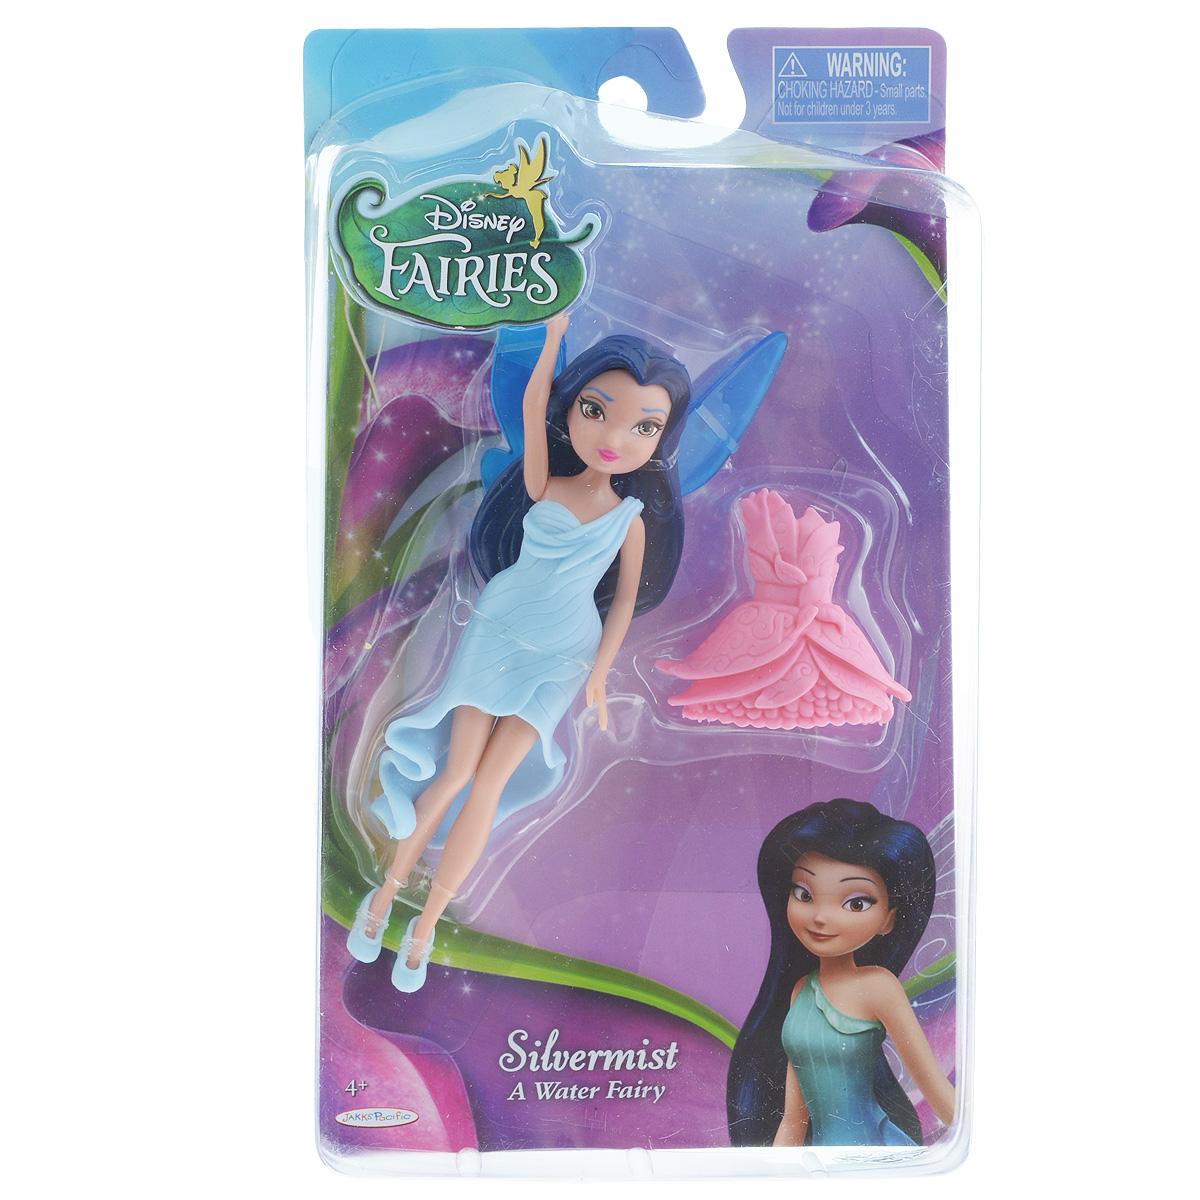 Кукла Disney Fairies Silvermist, с дополнительным платьем, 13 см663210_SilvermistКукла Disney Fairies Silvermist поможет вашей малышке окунуться в сказочный мир. Куколка выполнена в виде феечки. Фея одета в красивое платье и балетки. Так же у куклы имеются крылышки, с которыми она может парить в воздухе. В комплекте - второе сменное платье. Ручки, ножки и голова куколки подвижны. Игры с куклой способствуют эмоциональному развитию ребенка, а также помогают формировать воображение и художественный вкус. Ваша малышка с удовольствием будет играть с этой куколкой, проигрывая сюжеты из мультфильма или придумывая различные истории.